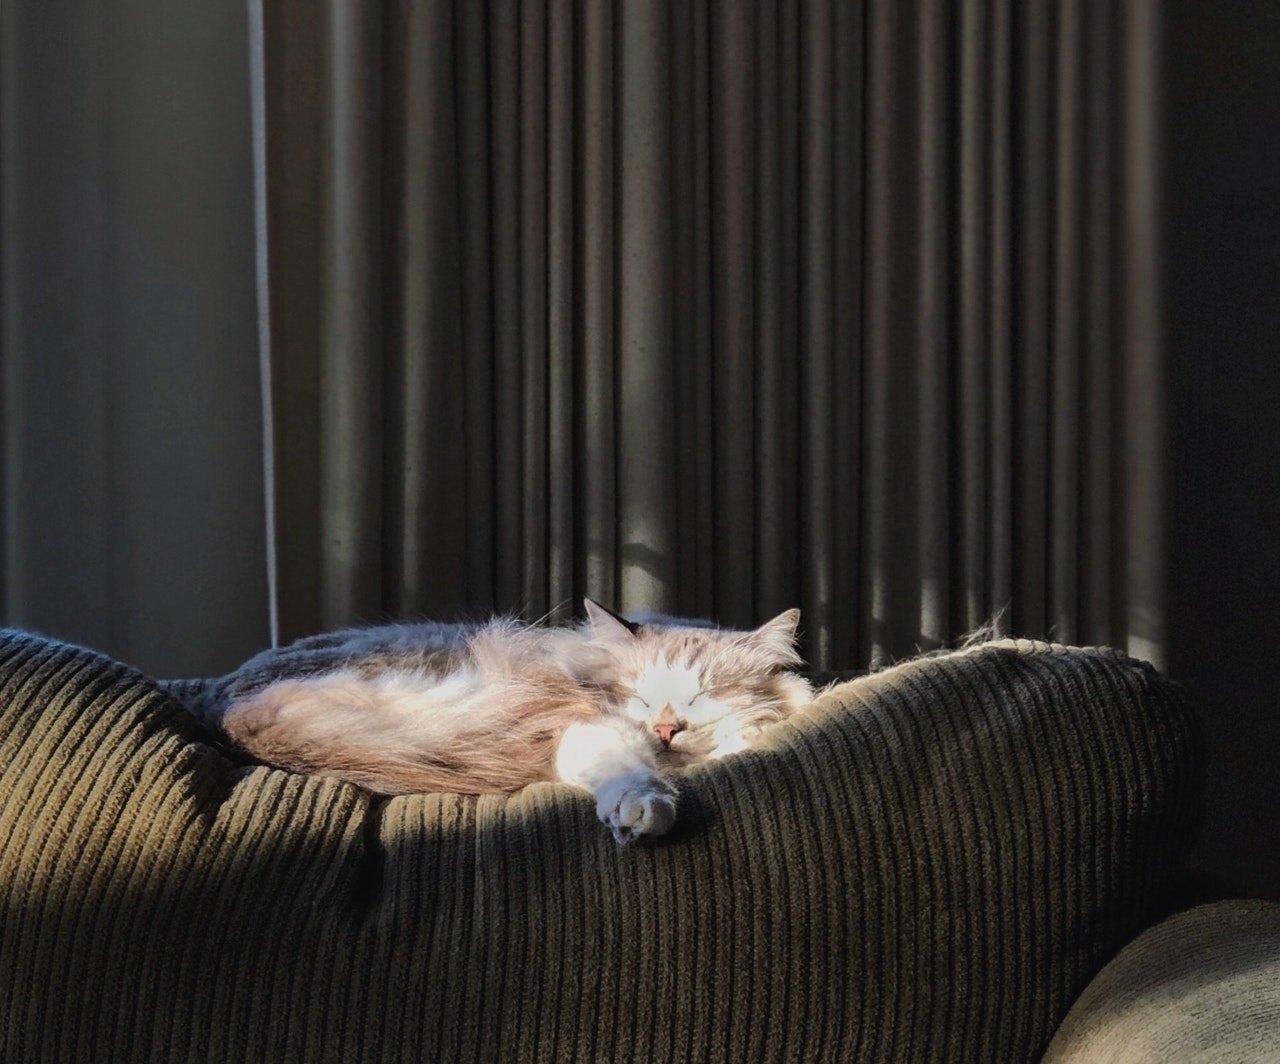 Sibiřská kočka něvská maškaráda je velká kočka s modrýma očima, hedvábnou srstí a barvě colorpoint.